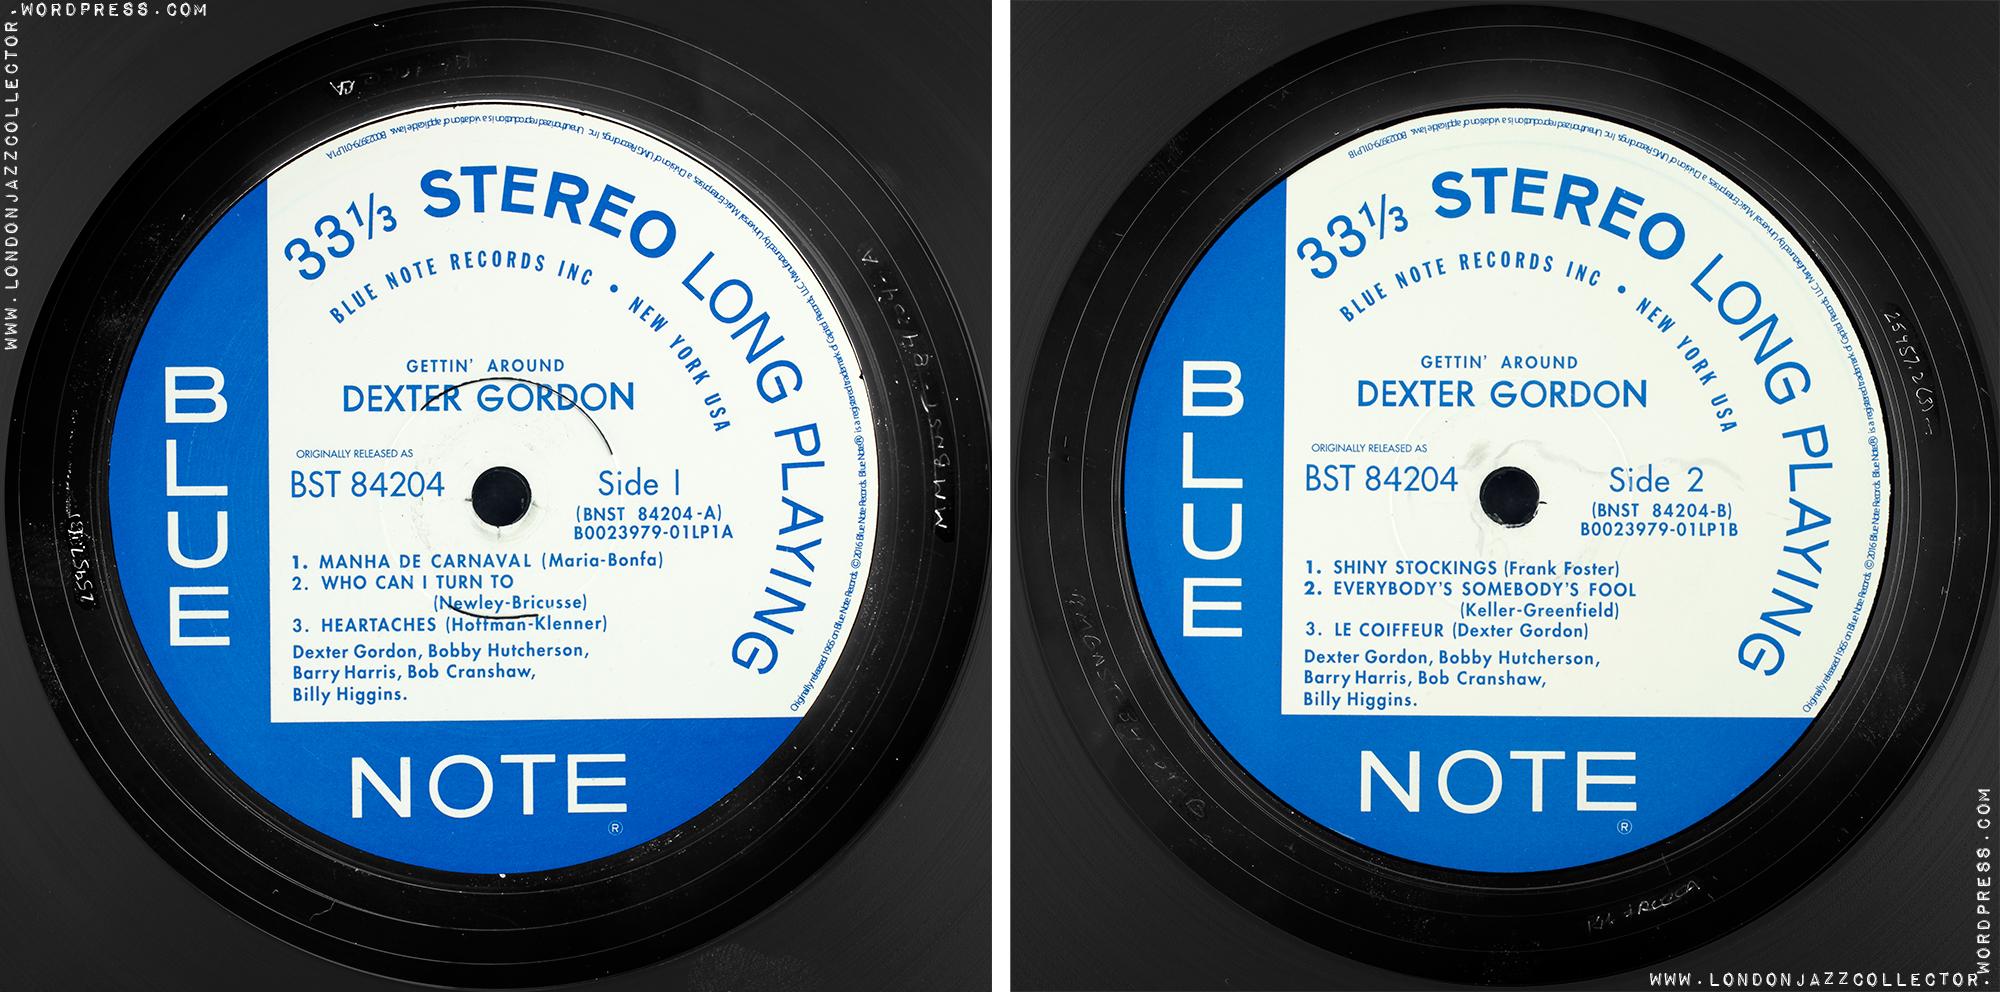 dexter-gordon-gettin-around-blue-note-mm33-labels-1920-ljc